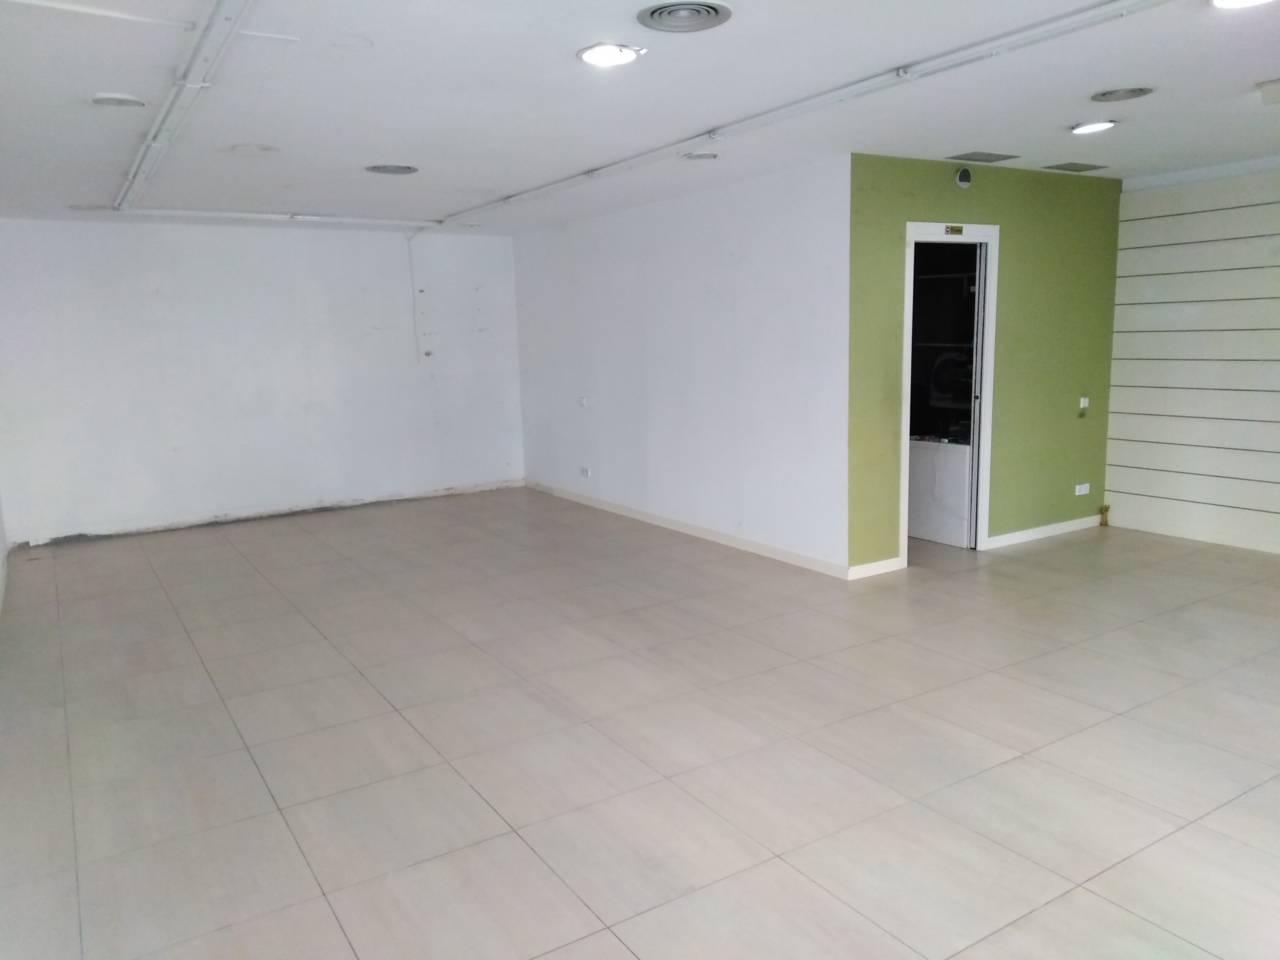 Lloguer Local Comercial  Illa del pla. Superf. 82 m², escaparate, planta baja, luz, estado certificació